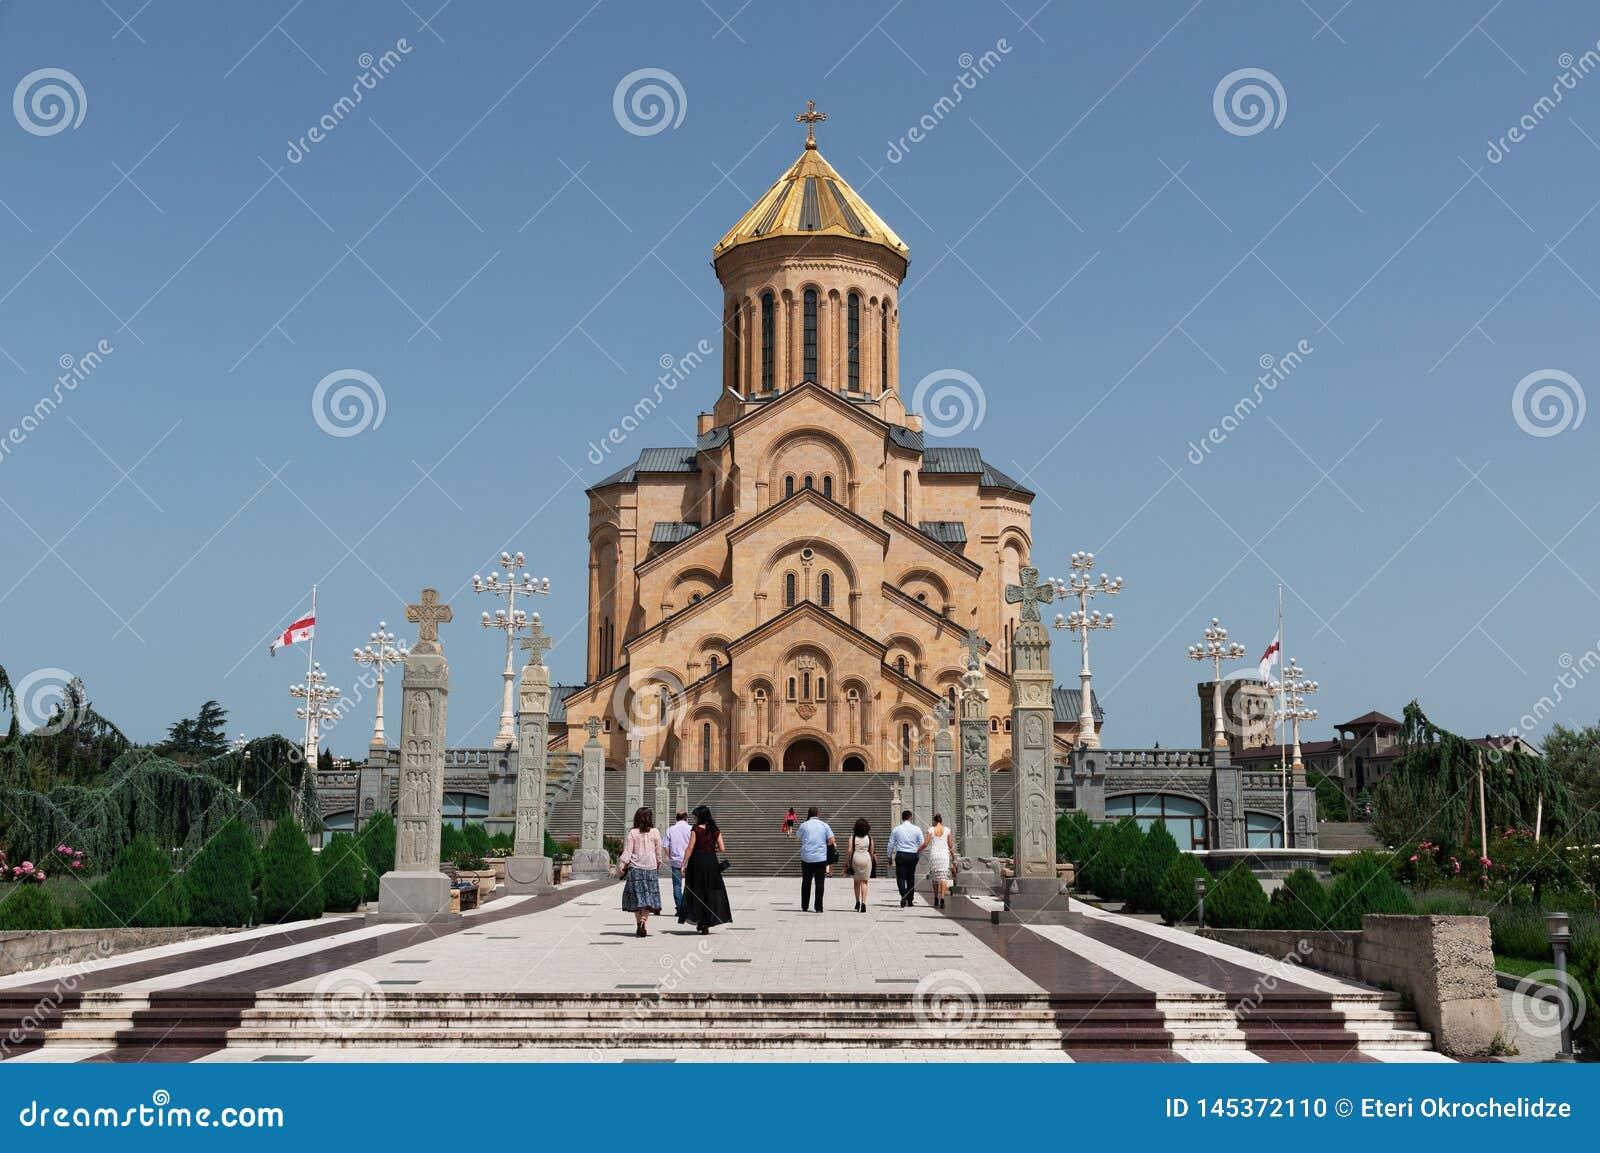 Ο ιερός καθεδρικός ναός τριάδας του Tbilisi γνωστού συνήθως ως Sameba στη Γεωργία